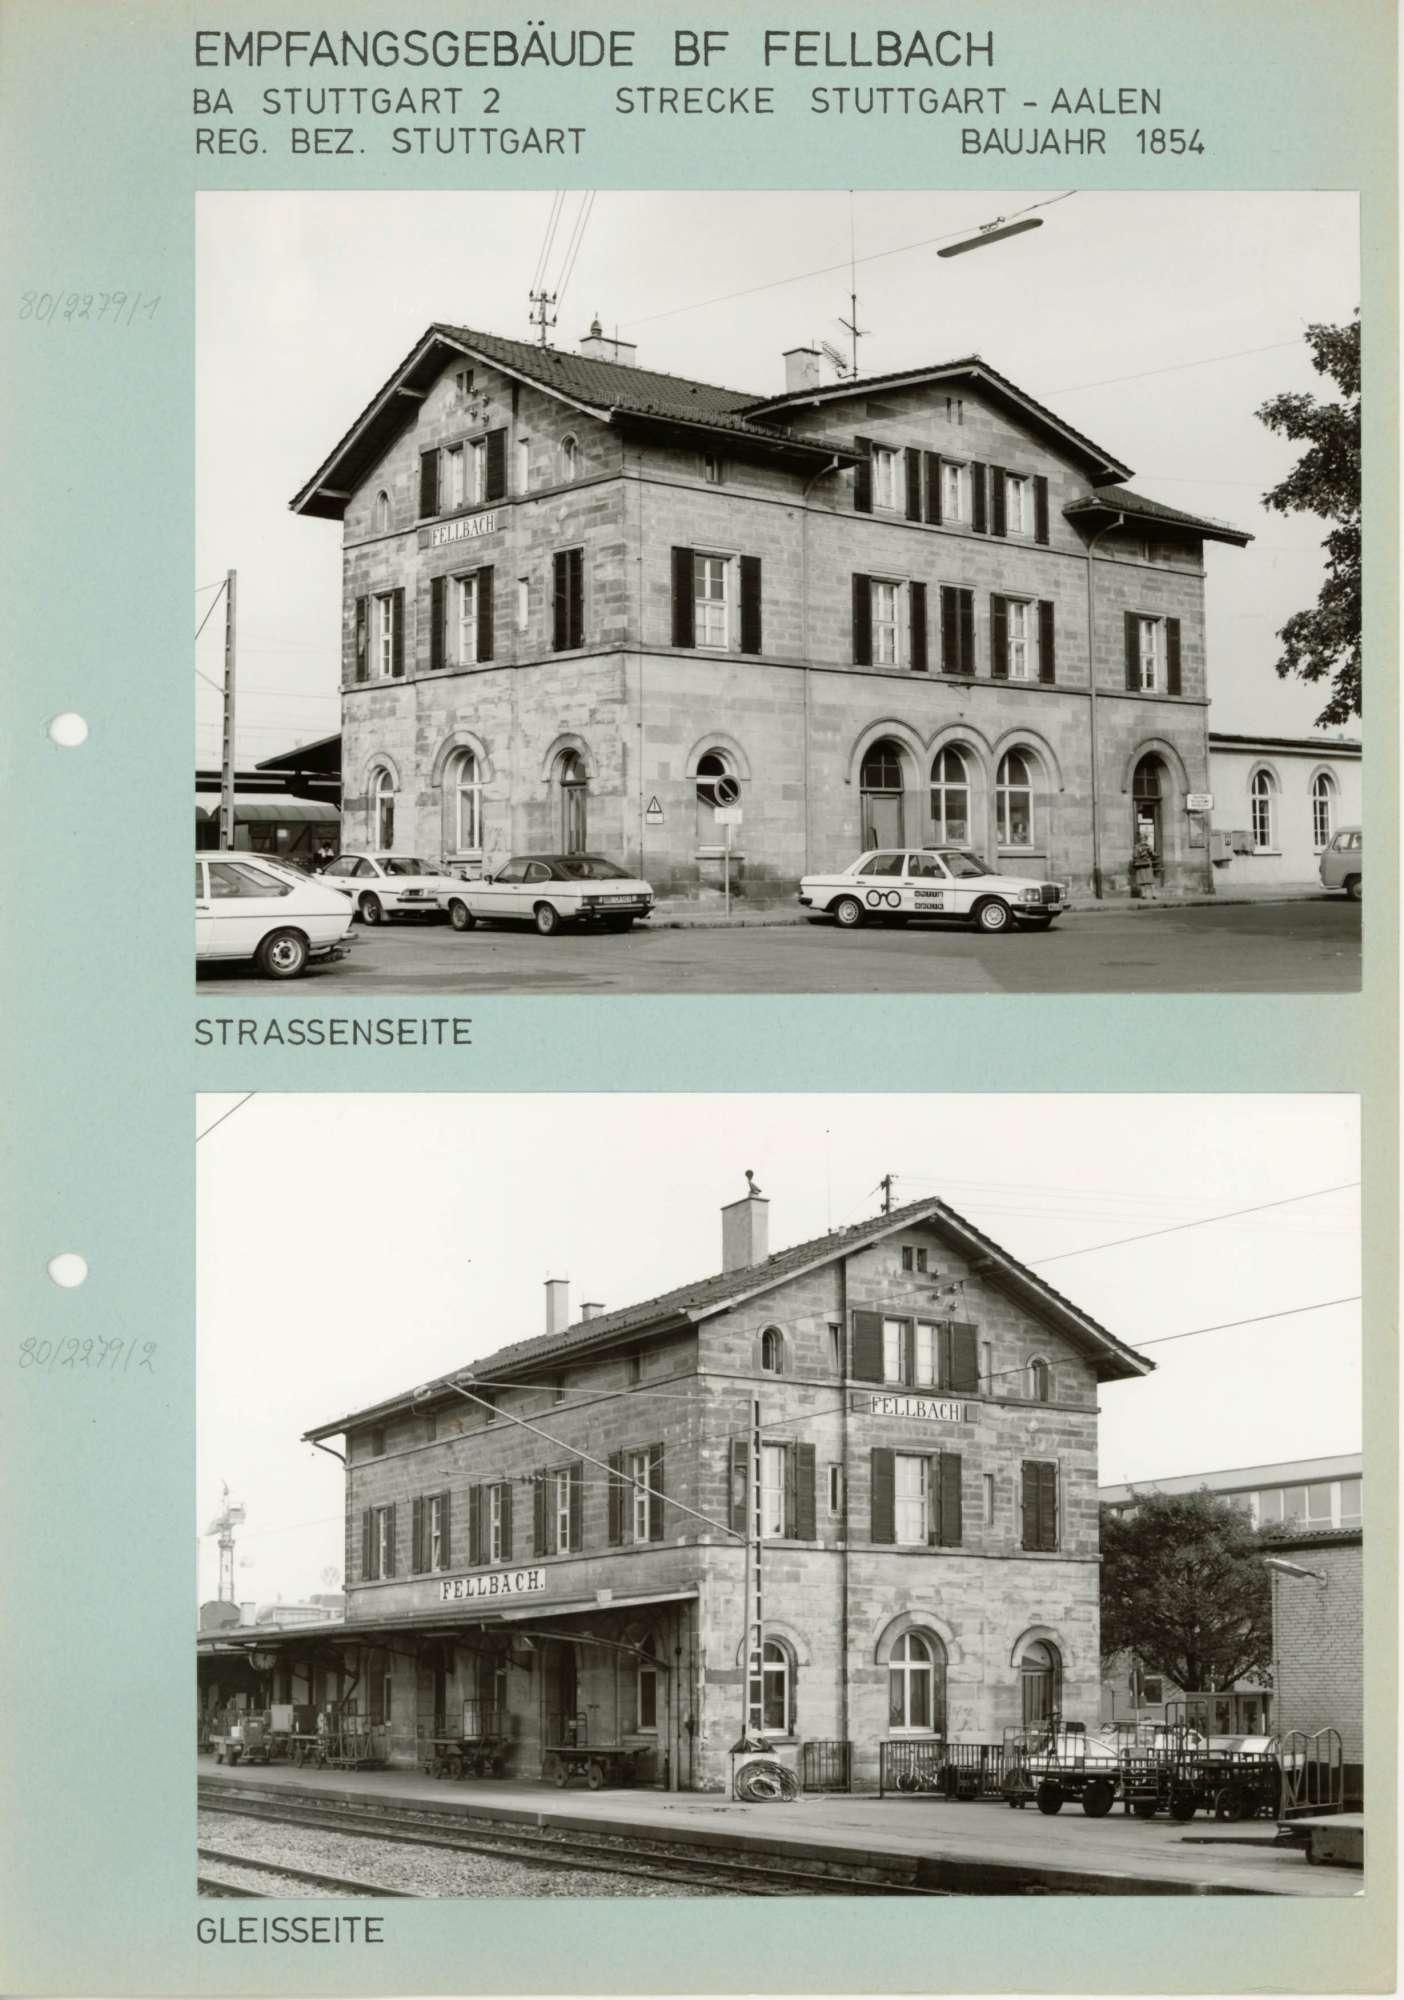 Fellbach: 7 Fotos u.a., Bild 1